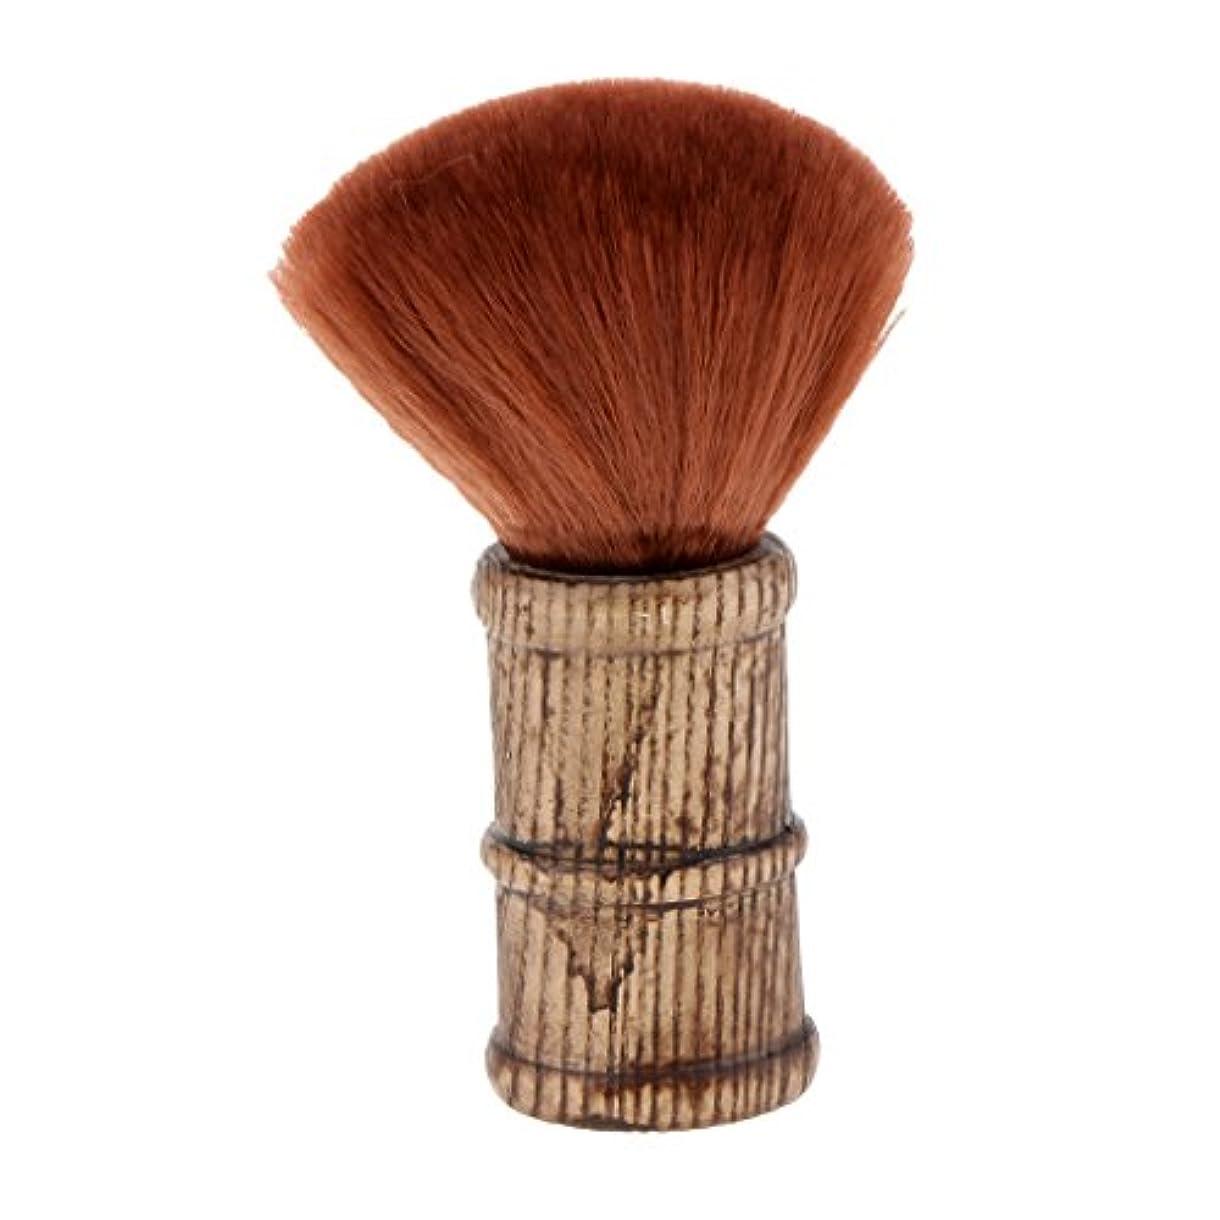 ミシンオーチャード矩形Sharplace ネックダスターブラシ ヘアカットブラシ メイクブラシ サロン 理髪師 2色選べ - 褐色